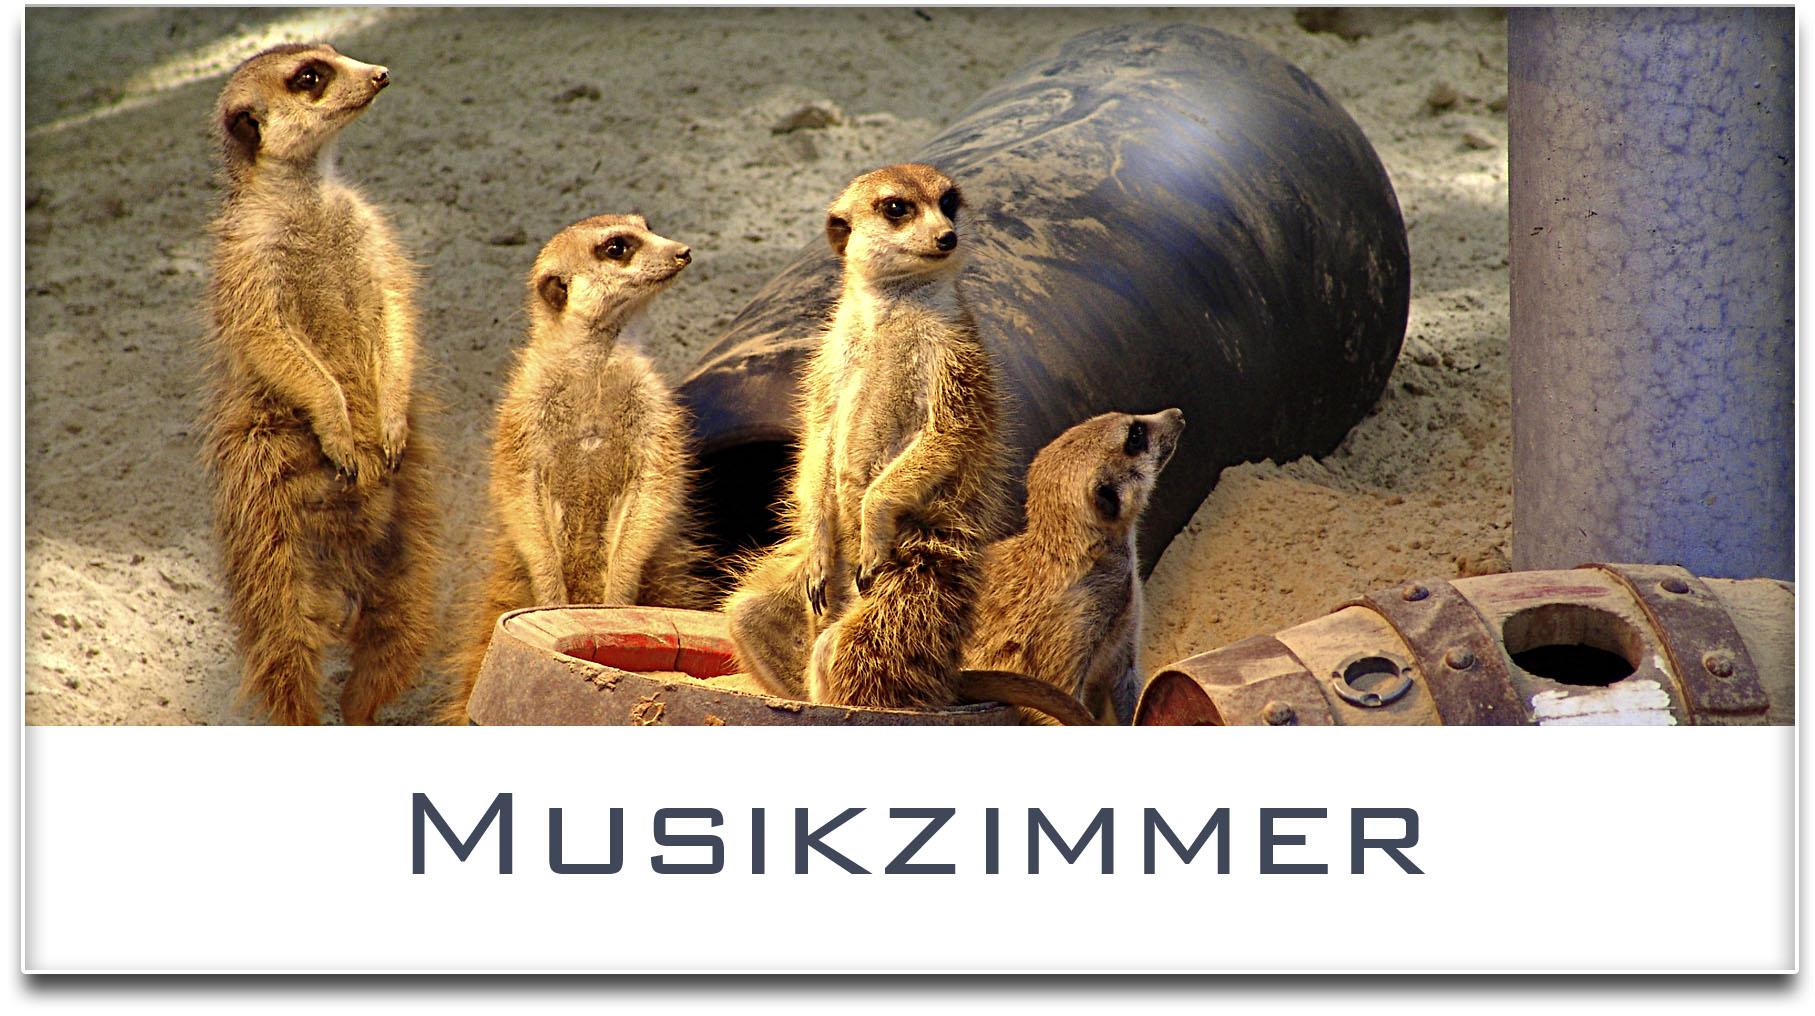 Türschild / Haustürschild / Erdmännchen / Musikzimmer / Selbstklebend